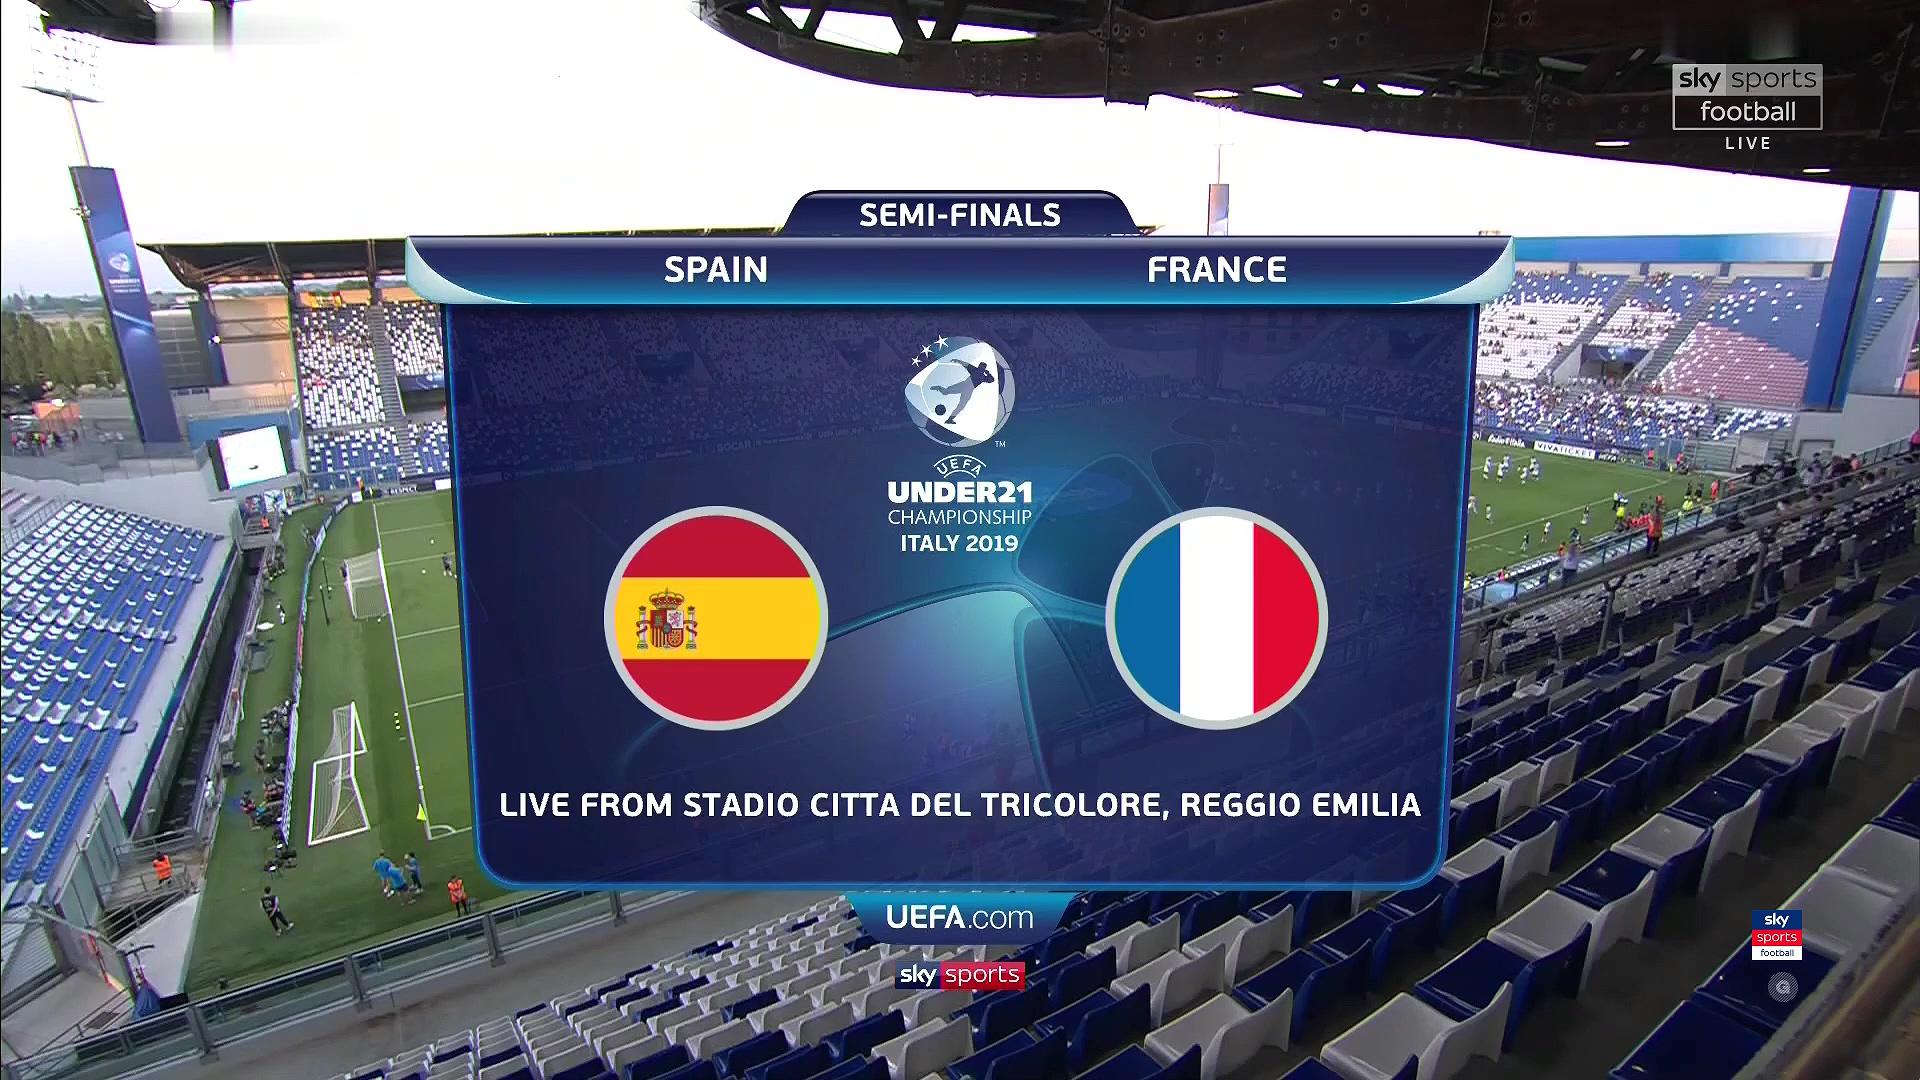 Xem lại: U21 Tây Ban Nha vs U21 Pháp